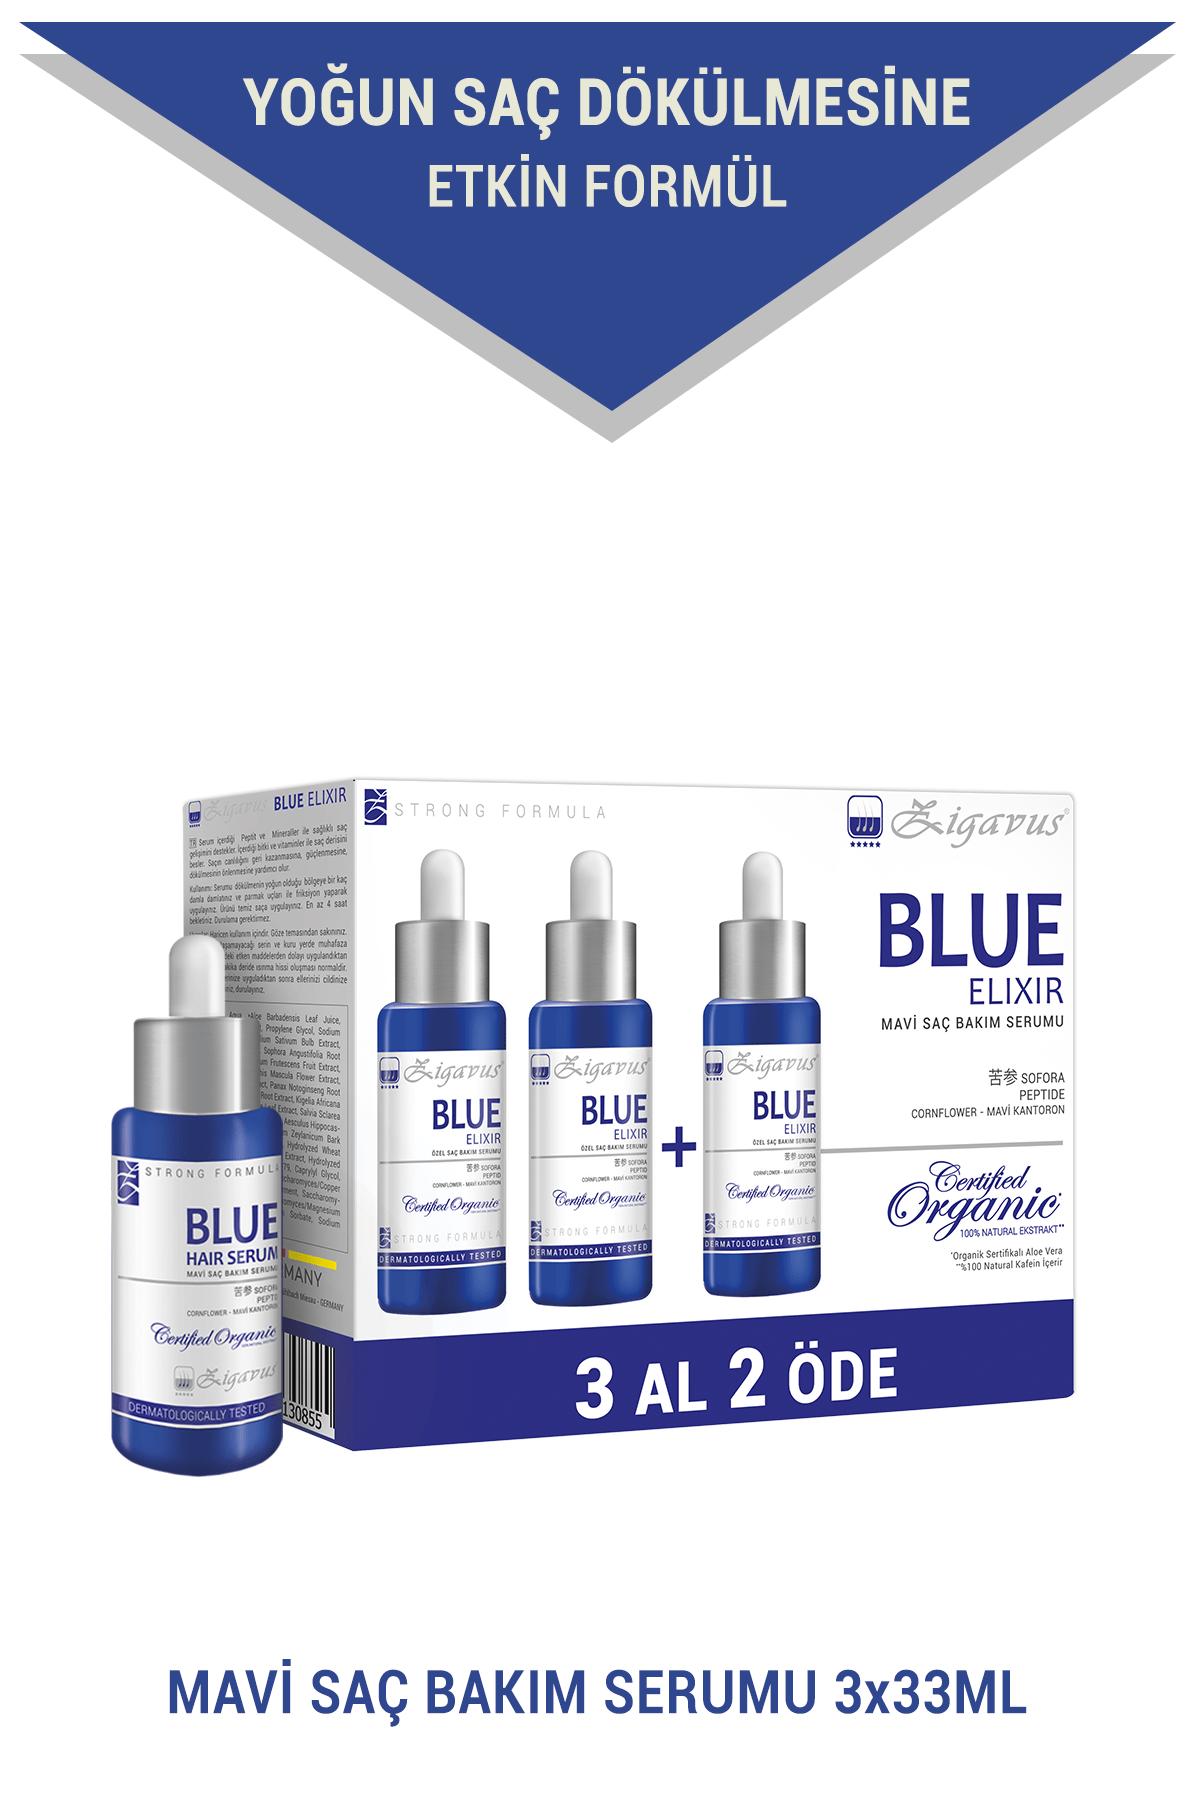 Zigavus Blue Saç Bakım Serumu 3x33 ml (3 al 2 öde) - Mavi Su 8699349130855 0